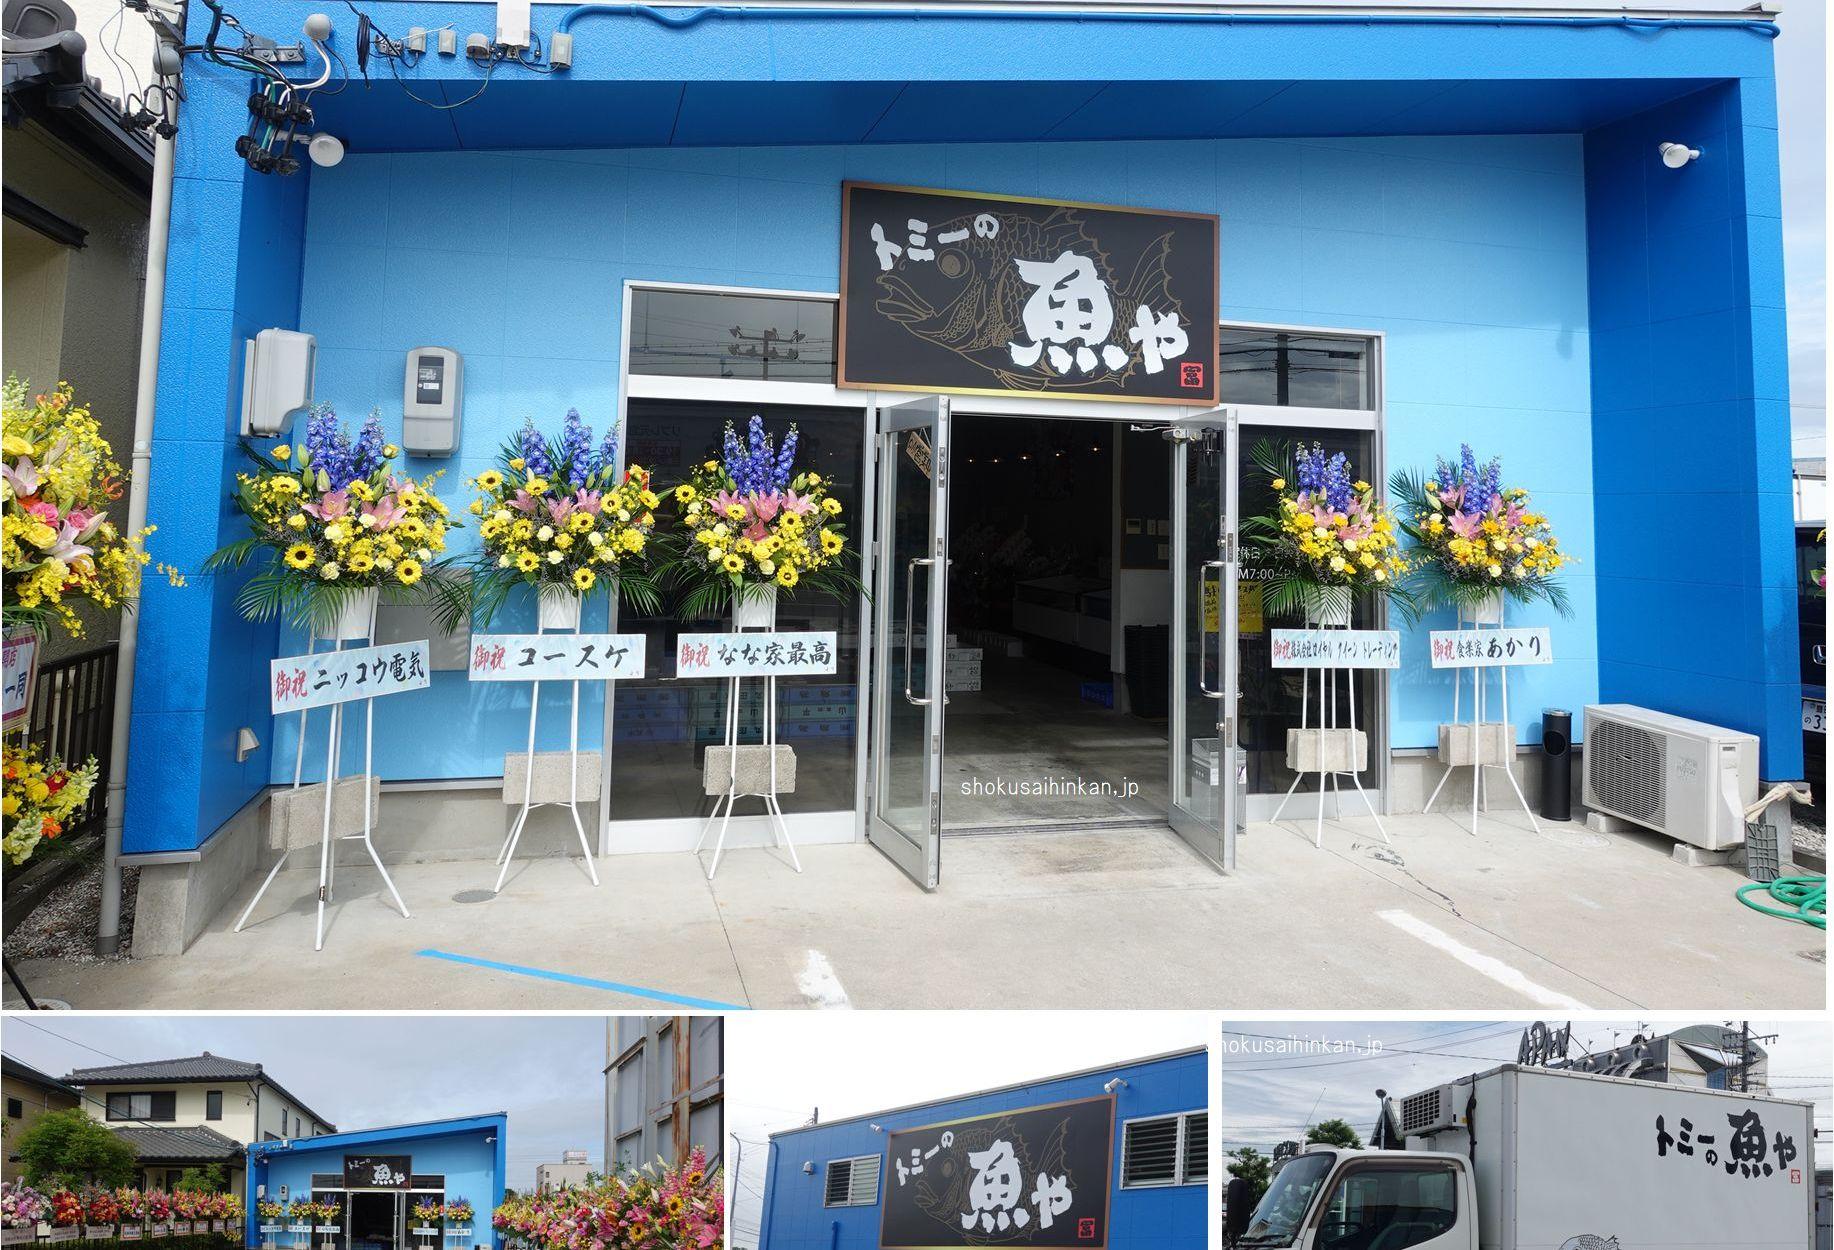 トミーの魚や(愛知県豊田市)2020年6月1日オープン。キャッシュ&キャリー(現金問屋)。ピカピカ鮮魚。目利きのいる店。熱帯魚店跡地に出店した鮮魚専門店に注目。スダレガイorアケガイ,沖縄産生本まぐろ,ソマガツオ,天然真鯛,ネコザメ,日帰漁釣物キハダマグロ,生の時鮭,